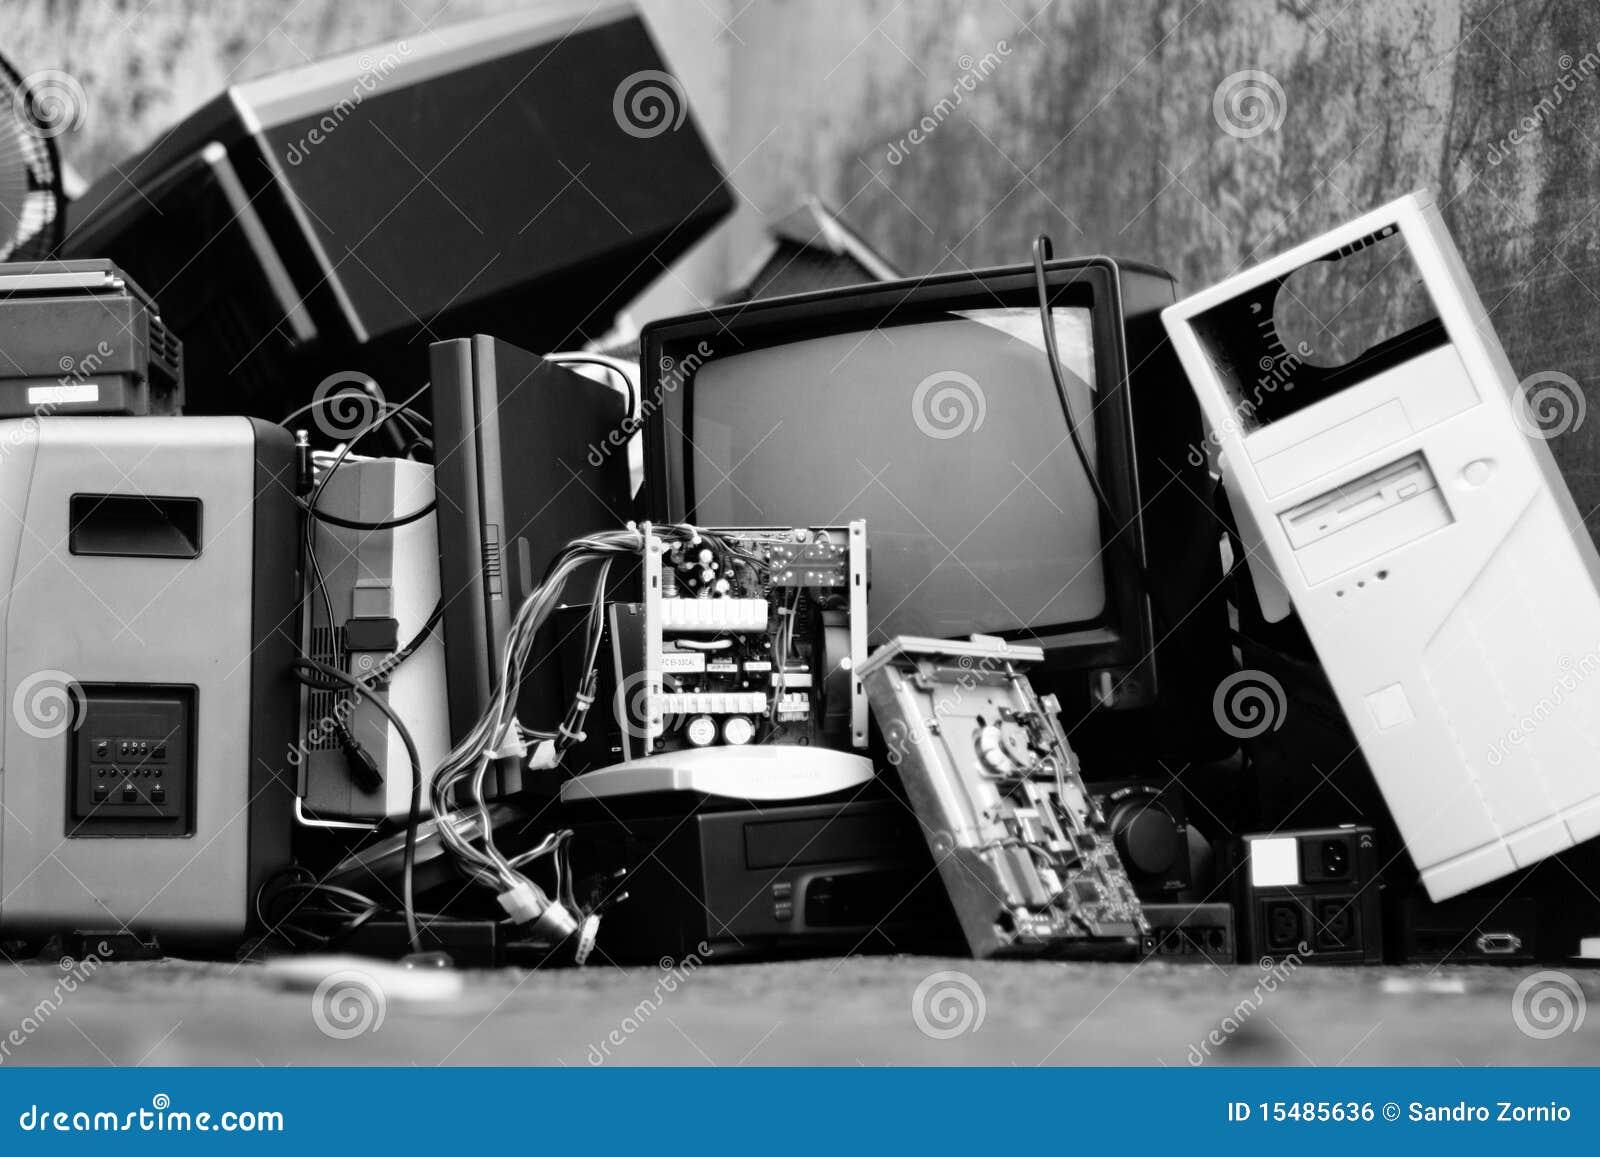 Electronic scrap waste raee rhos old things